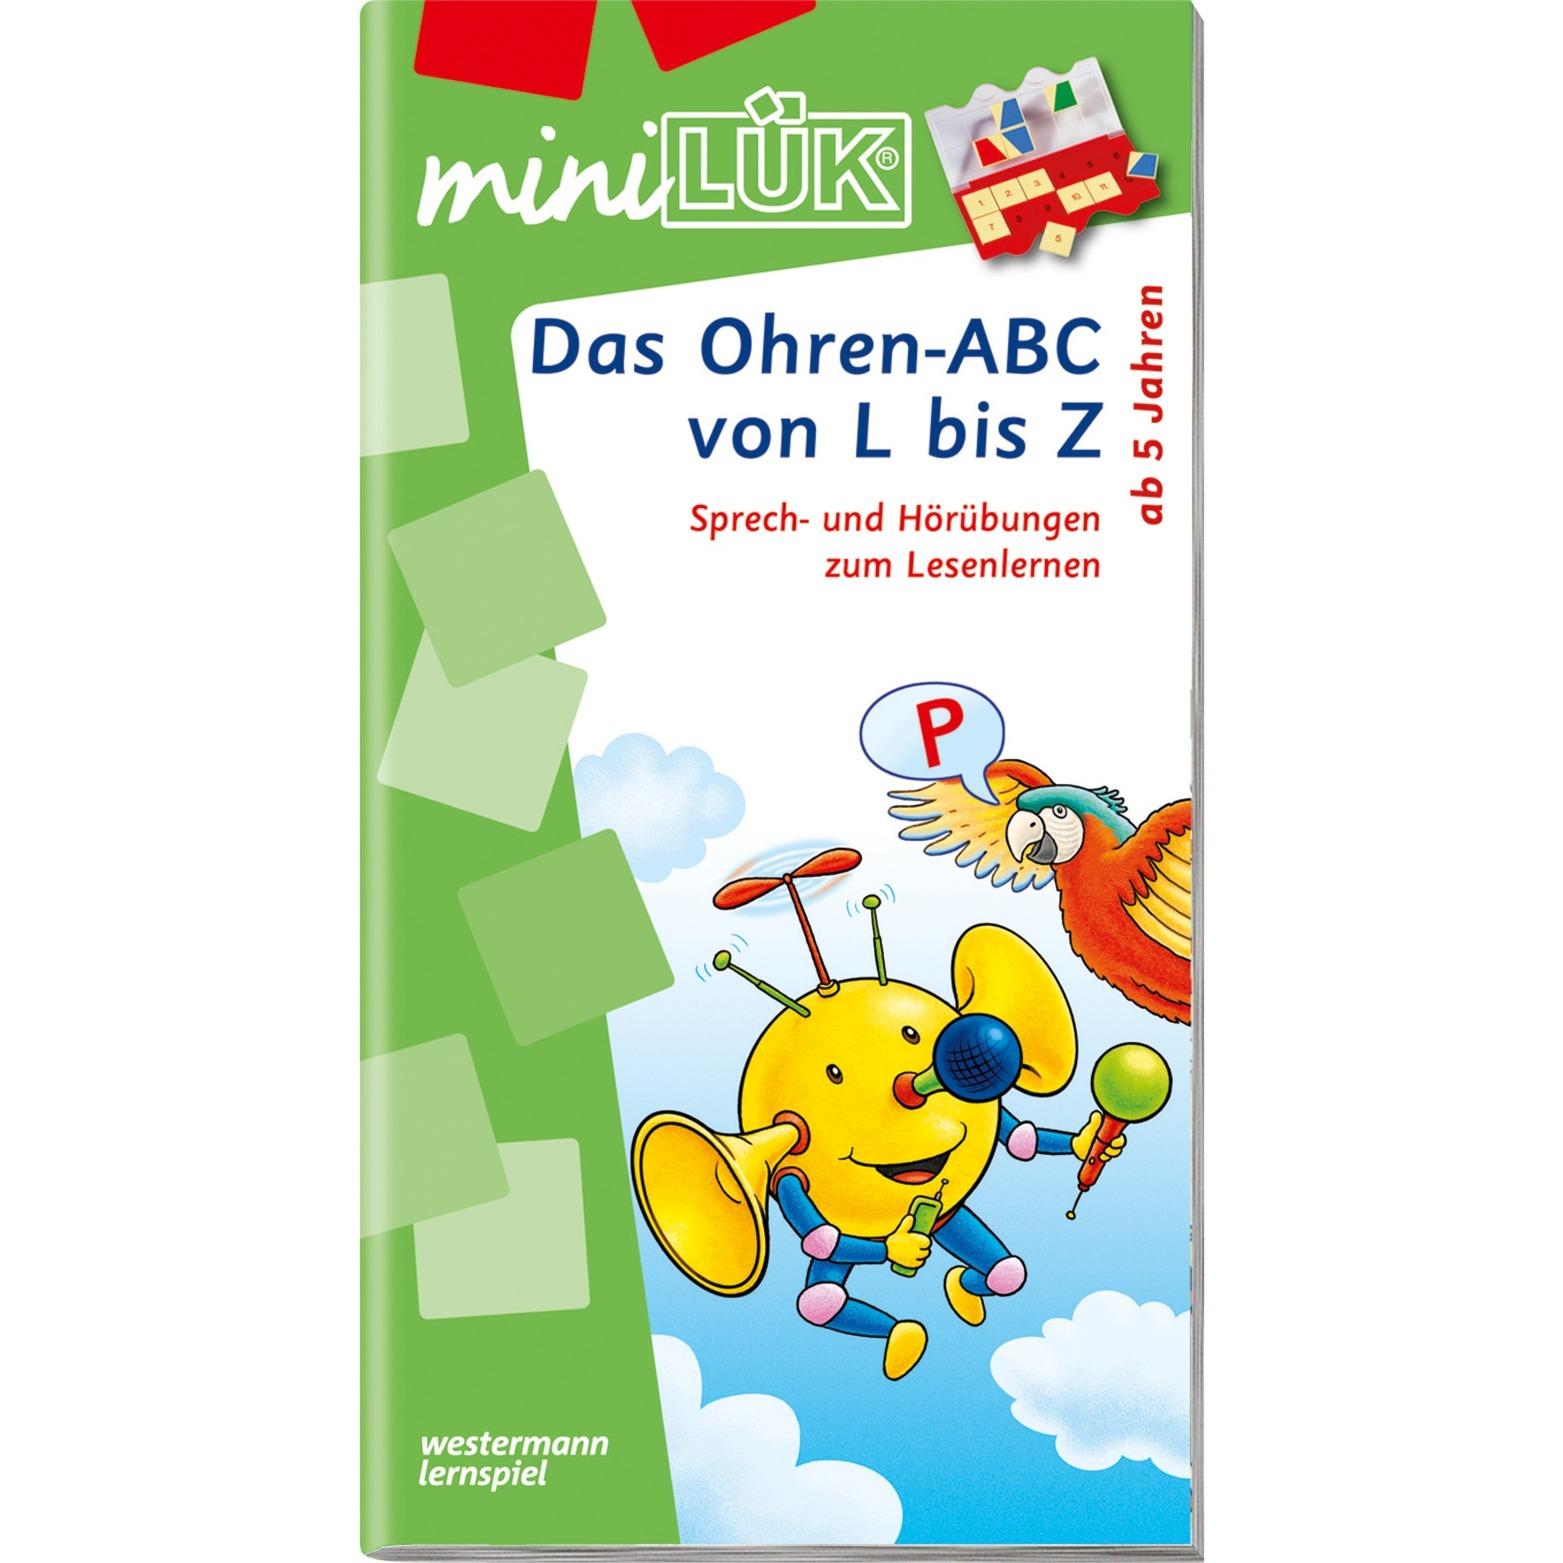 WESTERMANN miniLÜK-Heft: Das Ohren-ABC von L bis Z, Lernbuch - broschei